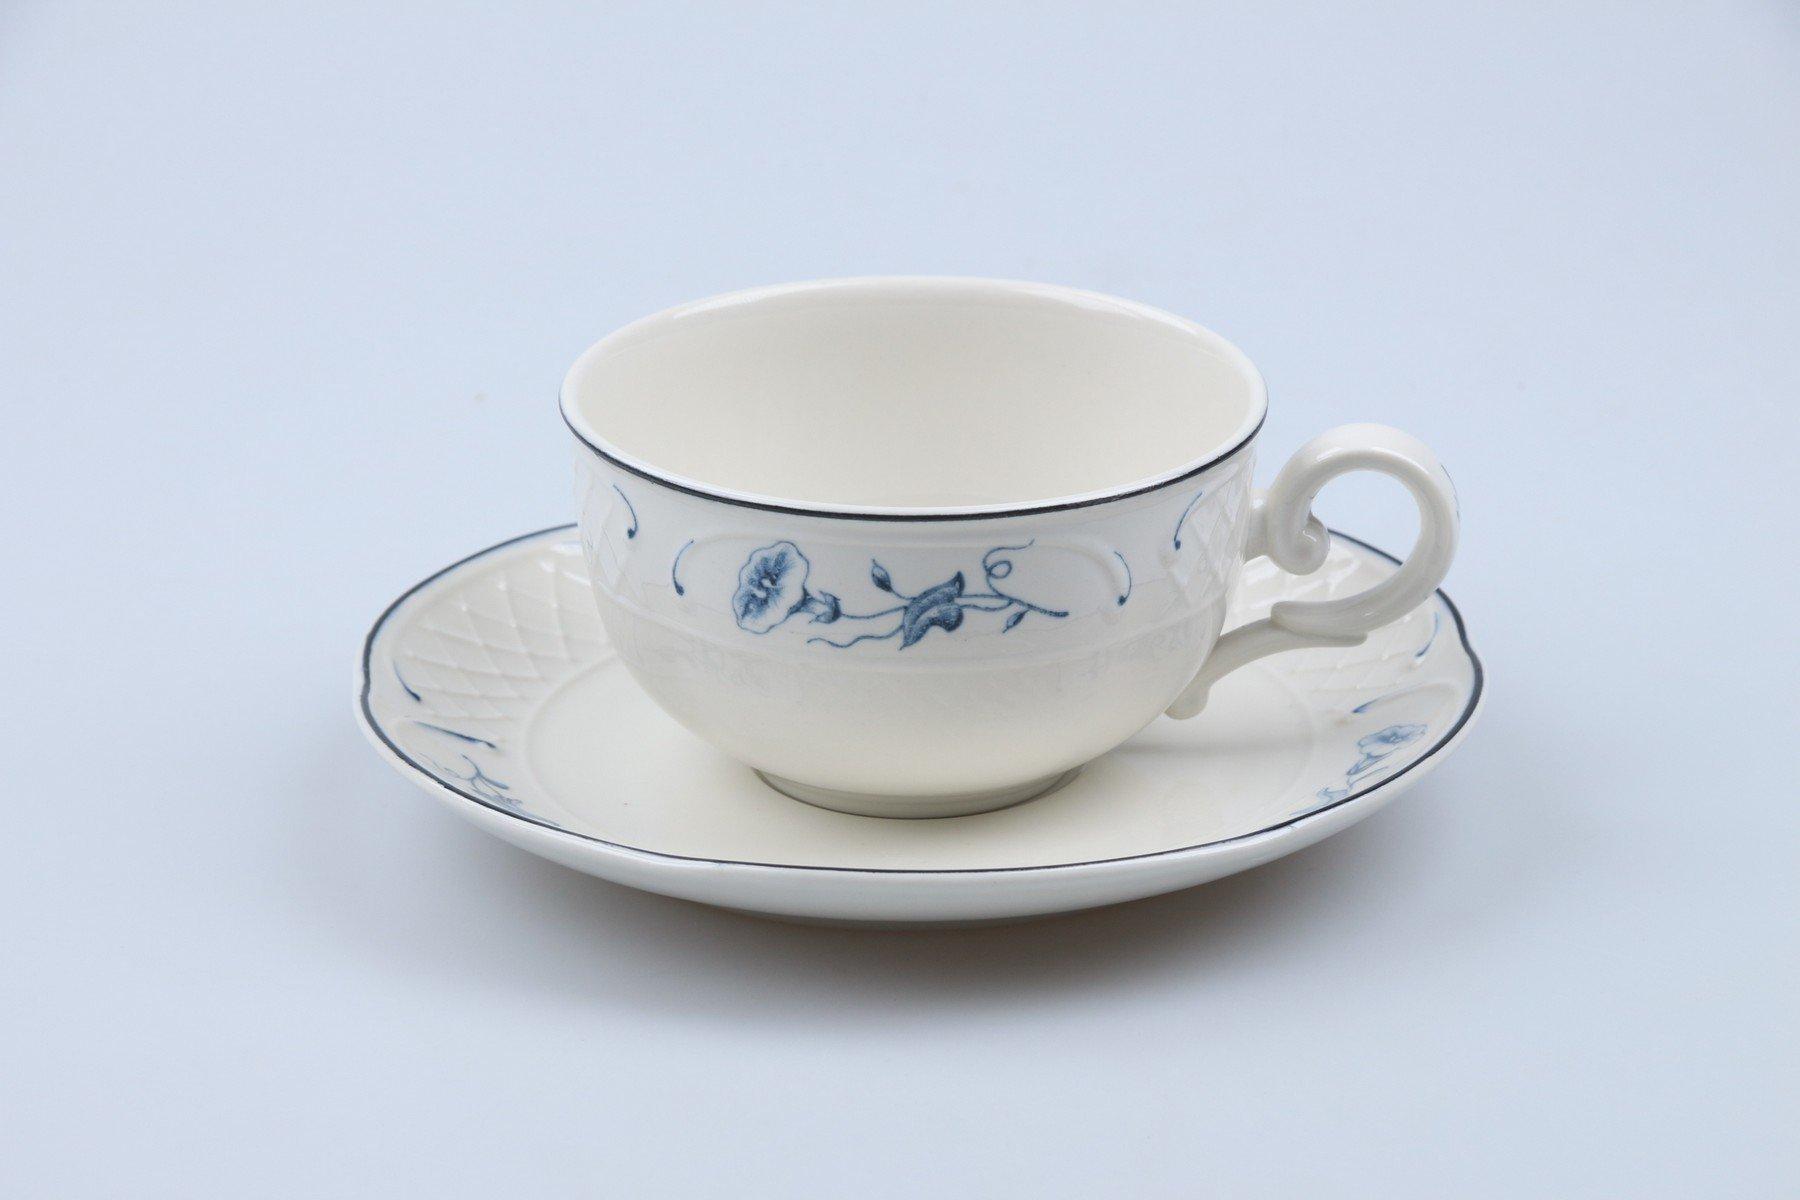 Val Bleu neuwertige Untertasse 14,5 cm für Kaffeetasse Villeroy /&Boch